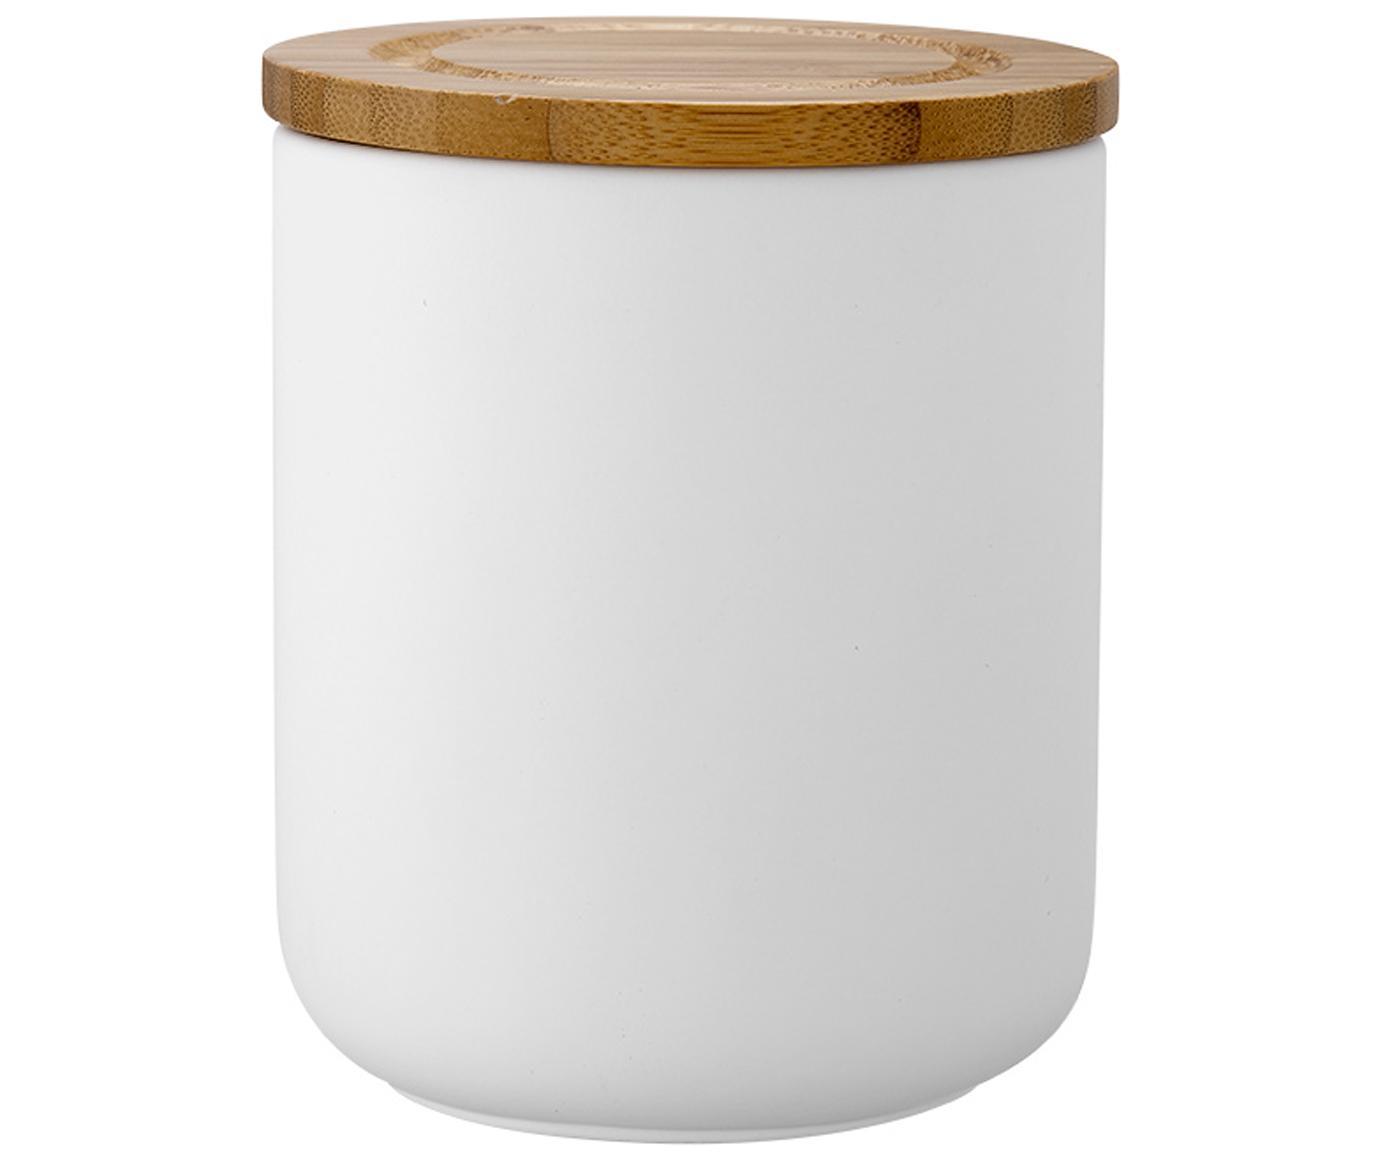 Bote Stak, Blanco, bambú, Ø 10 x Al 13 cm